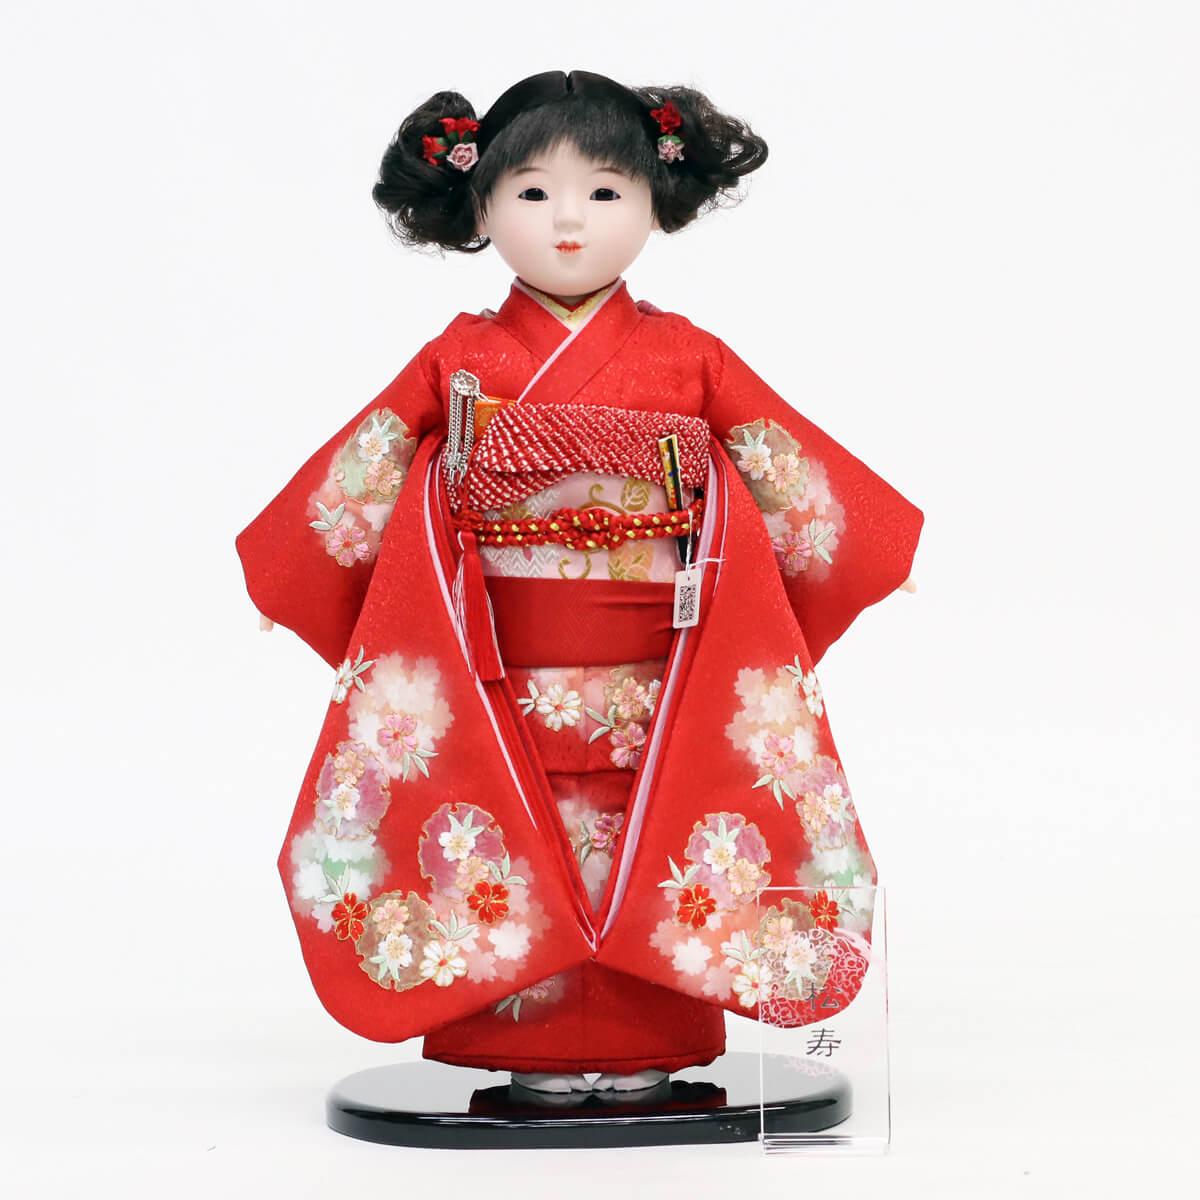 雛人形 松寿 市松人形 松寿作 市松人形 切嵌京刺繍 市松 ICMY-BC12-43ひな人形 かわいい おしゃれ インテリア